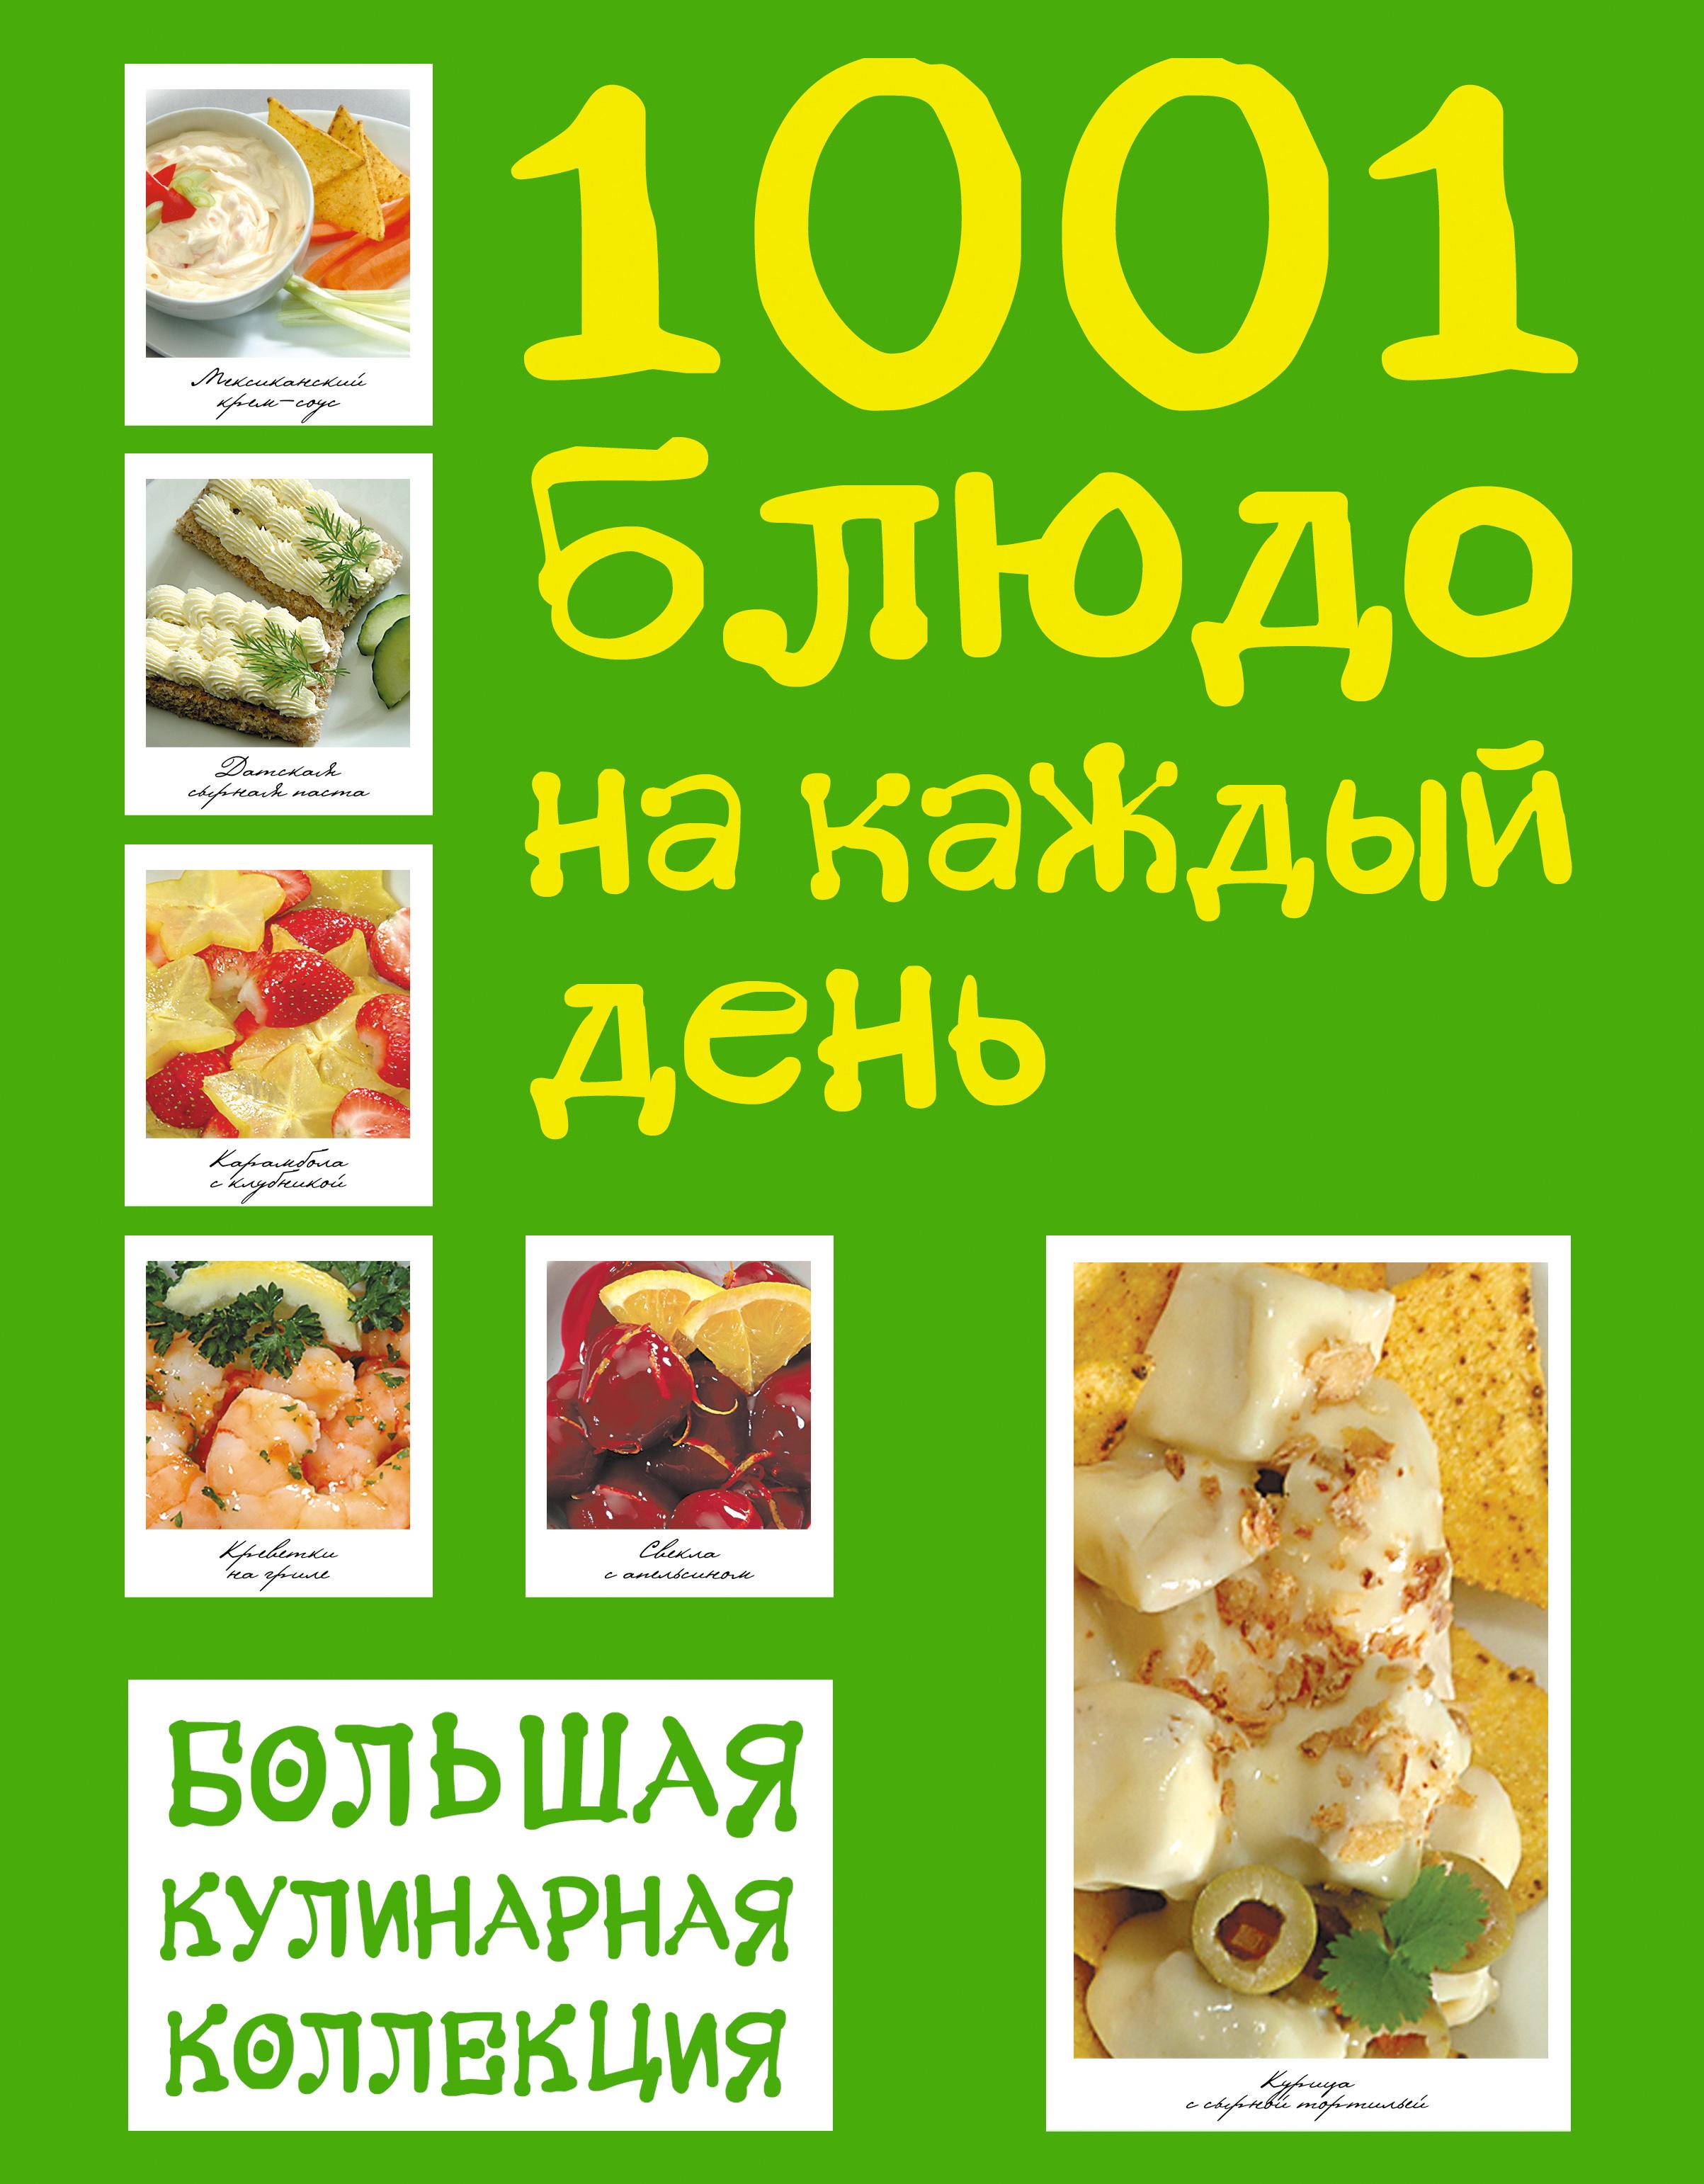 Большая кулинарная коллекция. 1001 блюдо на каждый день (книга в суперобложке) (серия Подарочные издания. Кулинария) самокат большая кулинарная книга городка с 6 лет